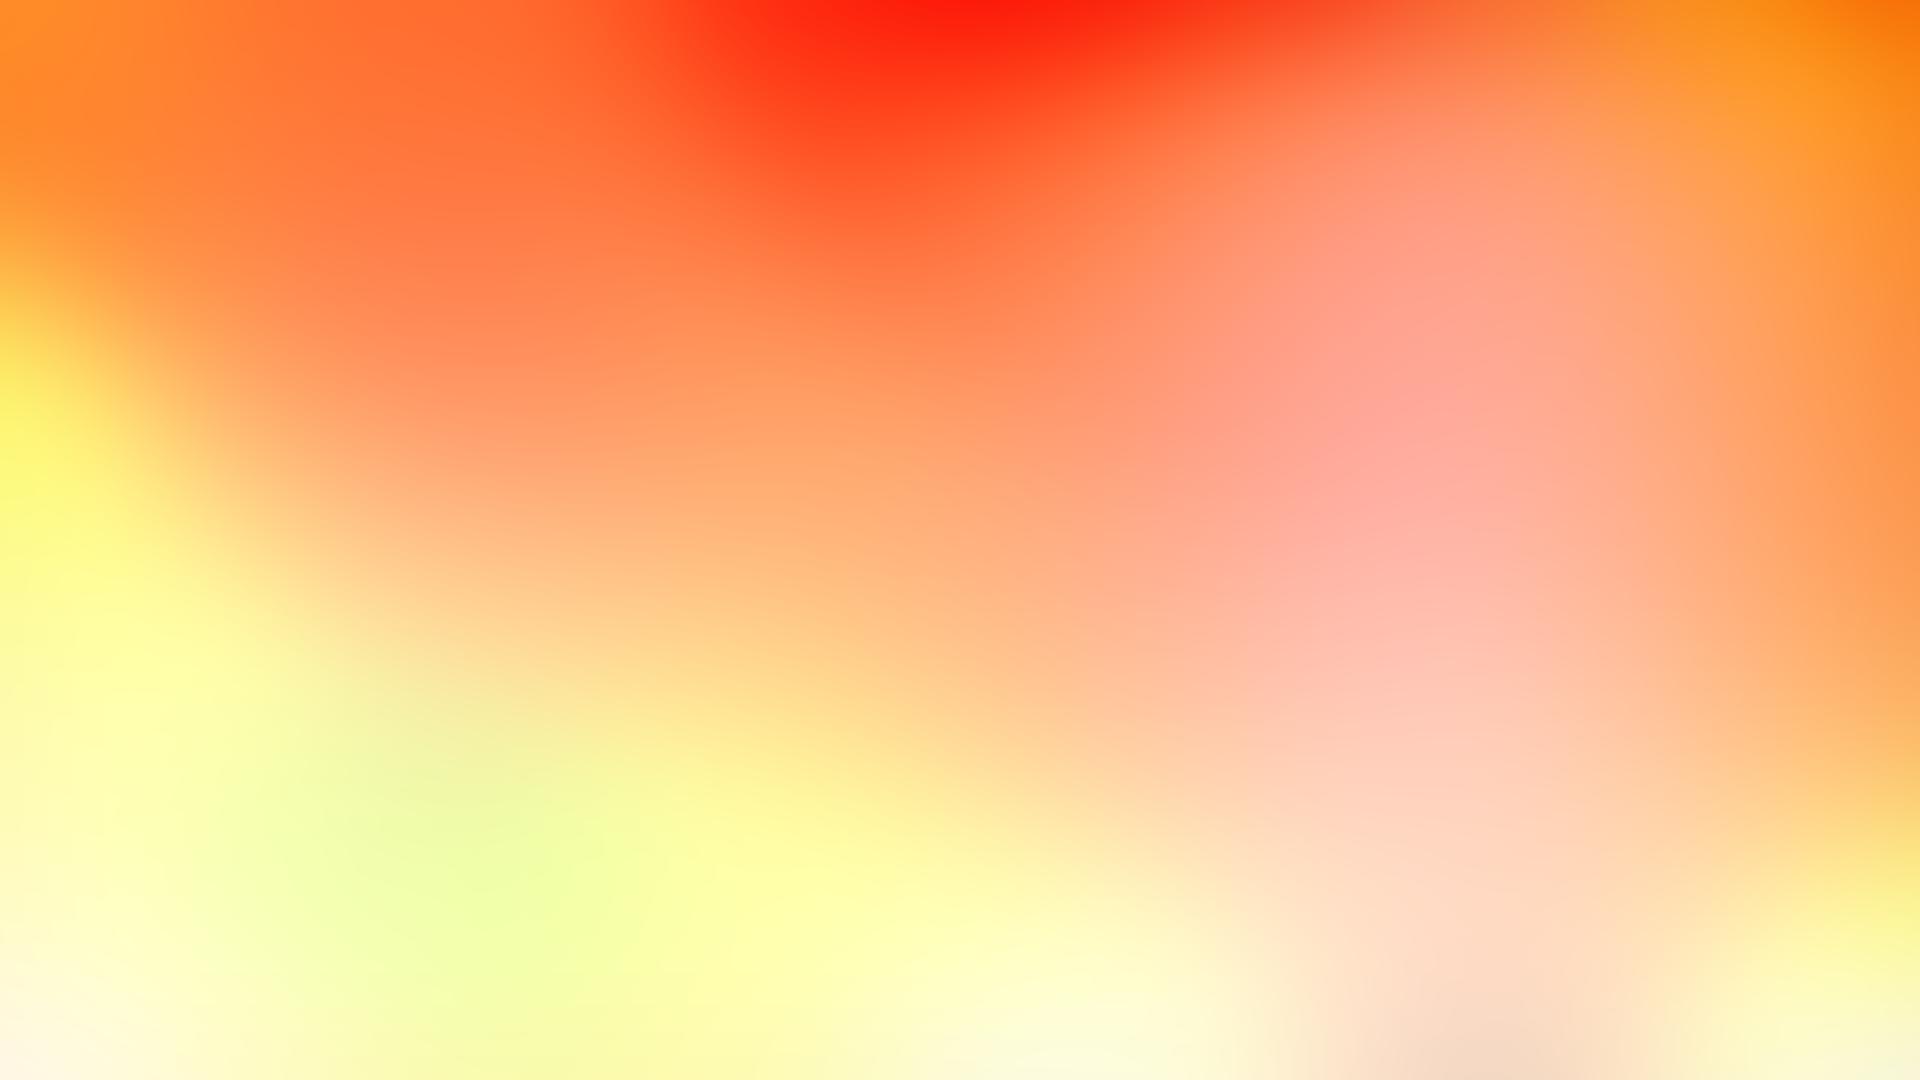 Fondos de pantalla luz de sol vistoso abstracto rojo - Imagenes de colores calidos ...